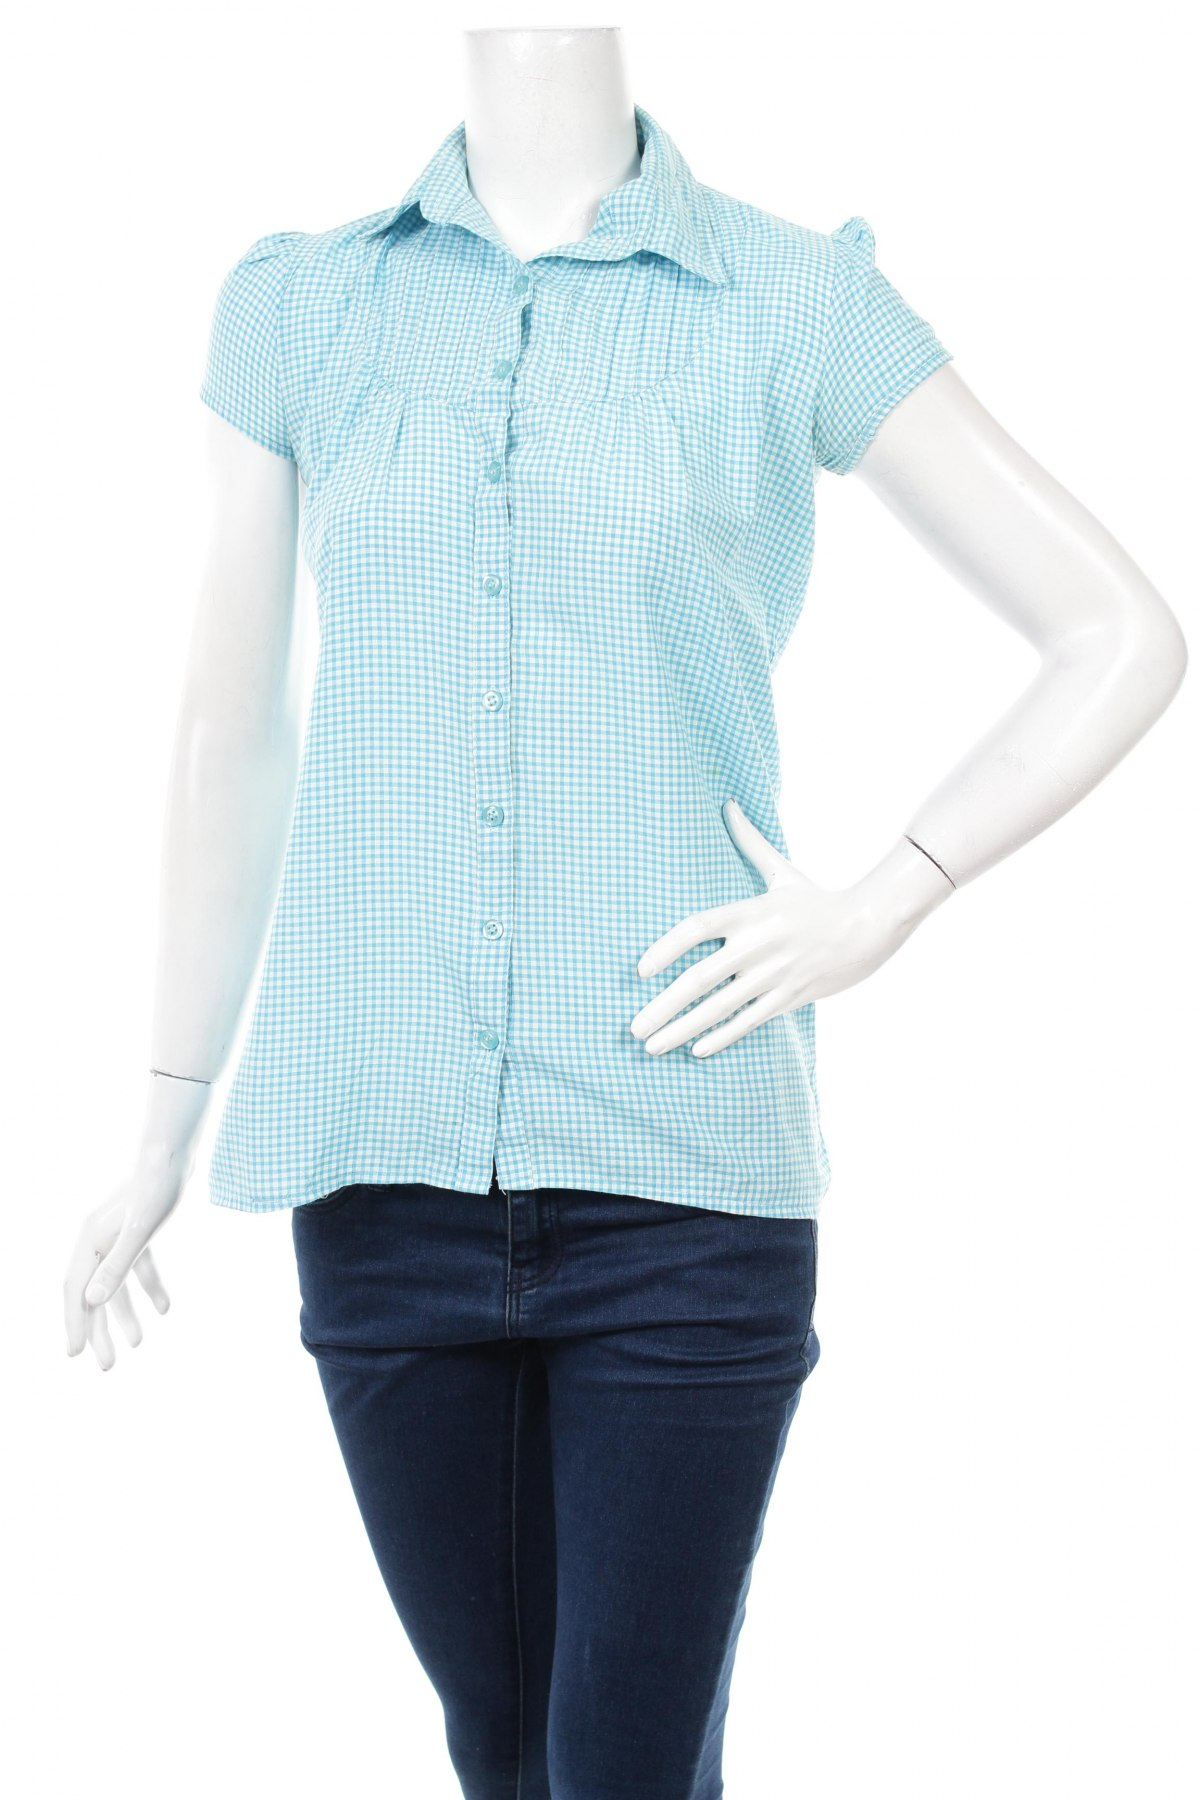 Γυναικείο πουκάμισο, Μέγεθος S, Χρώμα Μπλέ, Τιμή 10,82€